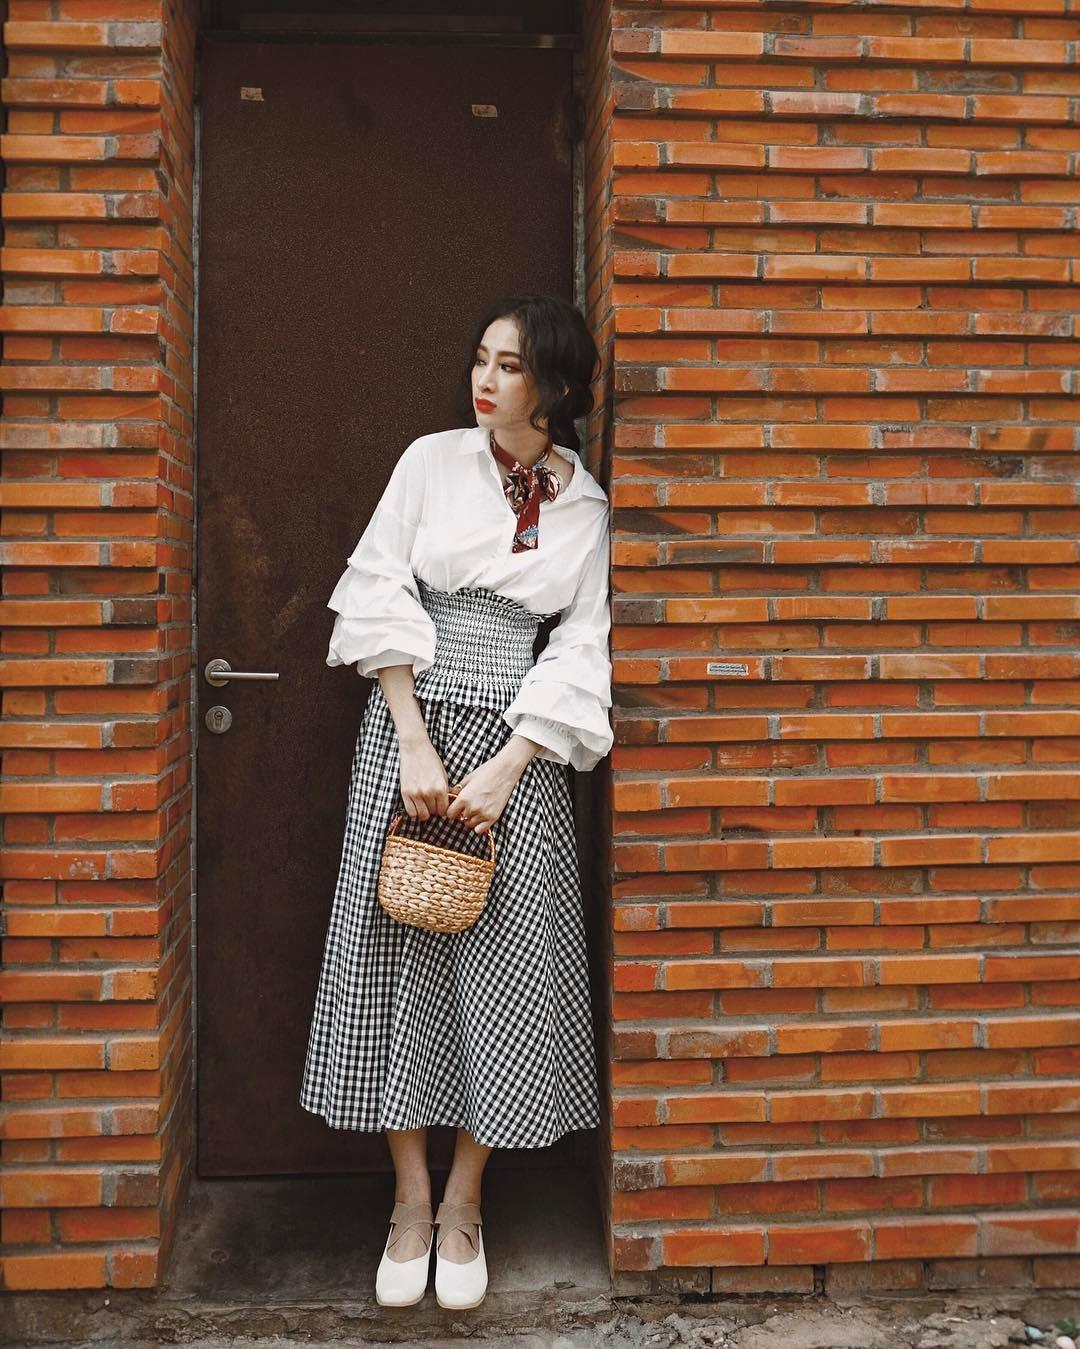 Bộ váy này đang được con gái Việt diện suốt trên Instagram, chứng tỏ gingham là hot trend phá đảo Hè 2017 - Ảnh 6.